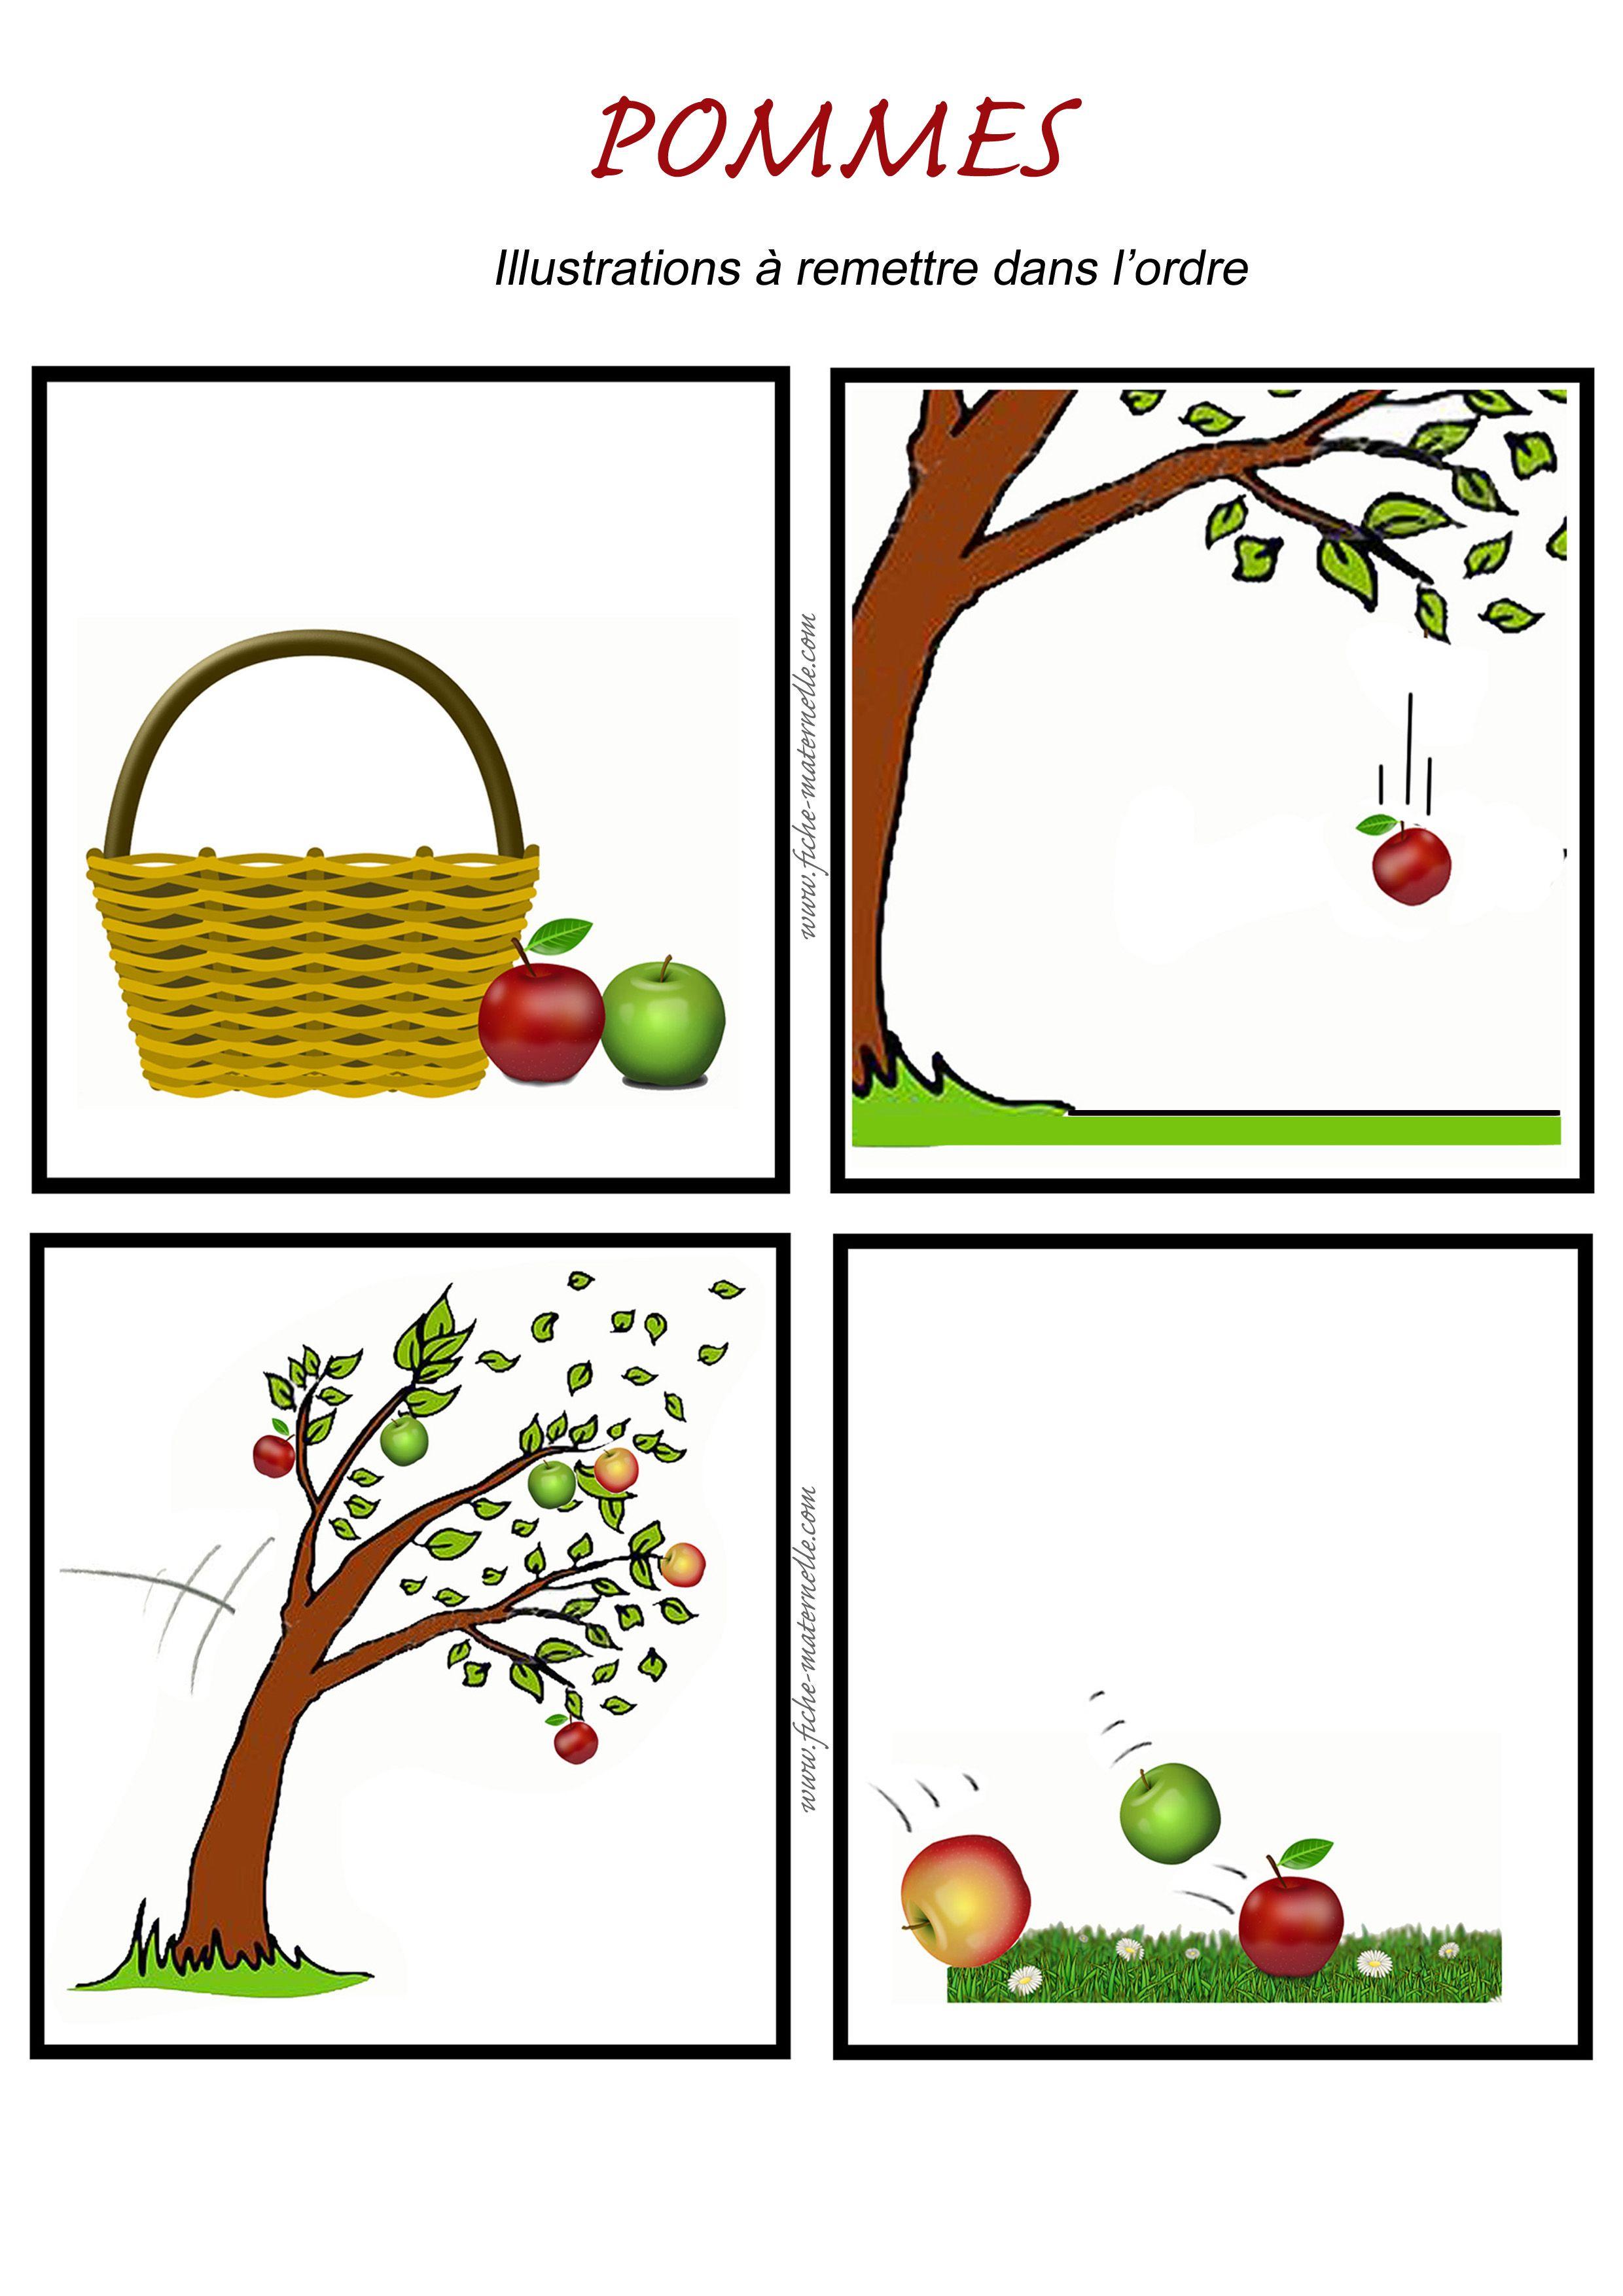 po sie d 39 automne pommes pomme pinterest pommes automne et la pomme. Black Bedroom Furniture Sets. Home Design Ideas